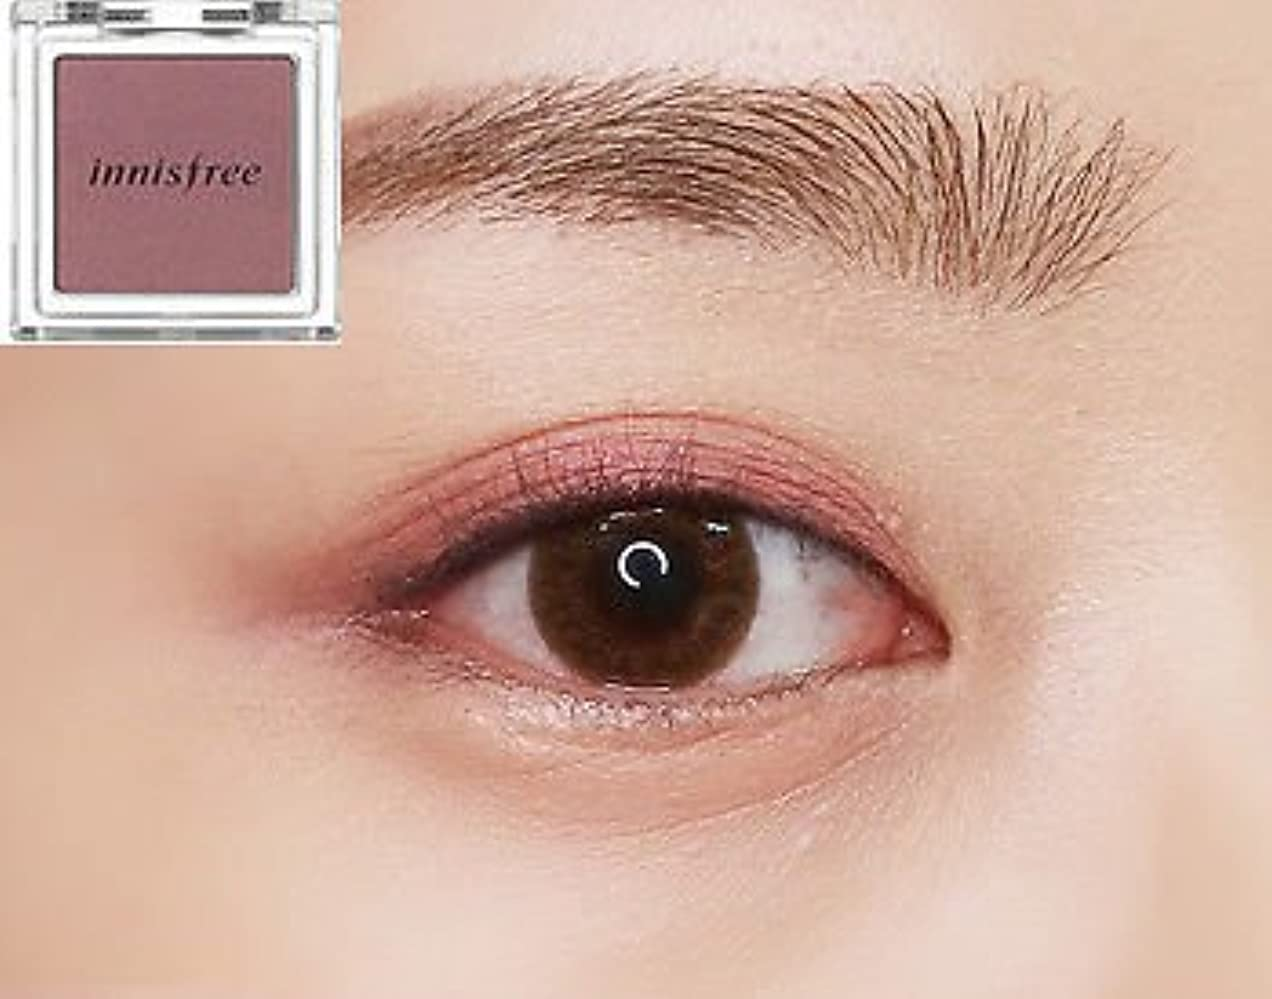 スリッパコンプライアンス面倒[イニスフリー] innisfree [マイ パレット マイ アイシャドウ (シマ一) 39カラー] MY PALETTE My Eyeshadow (Shimmer) 39 Shades [海外直送品] (シマ一 #19)